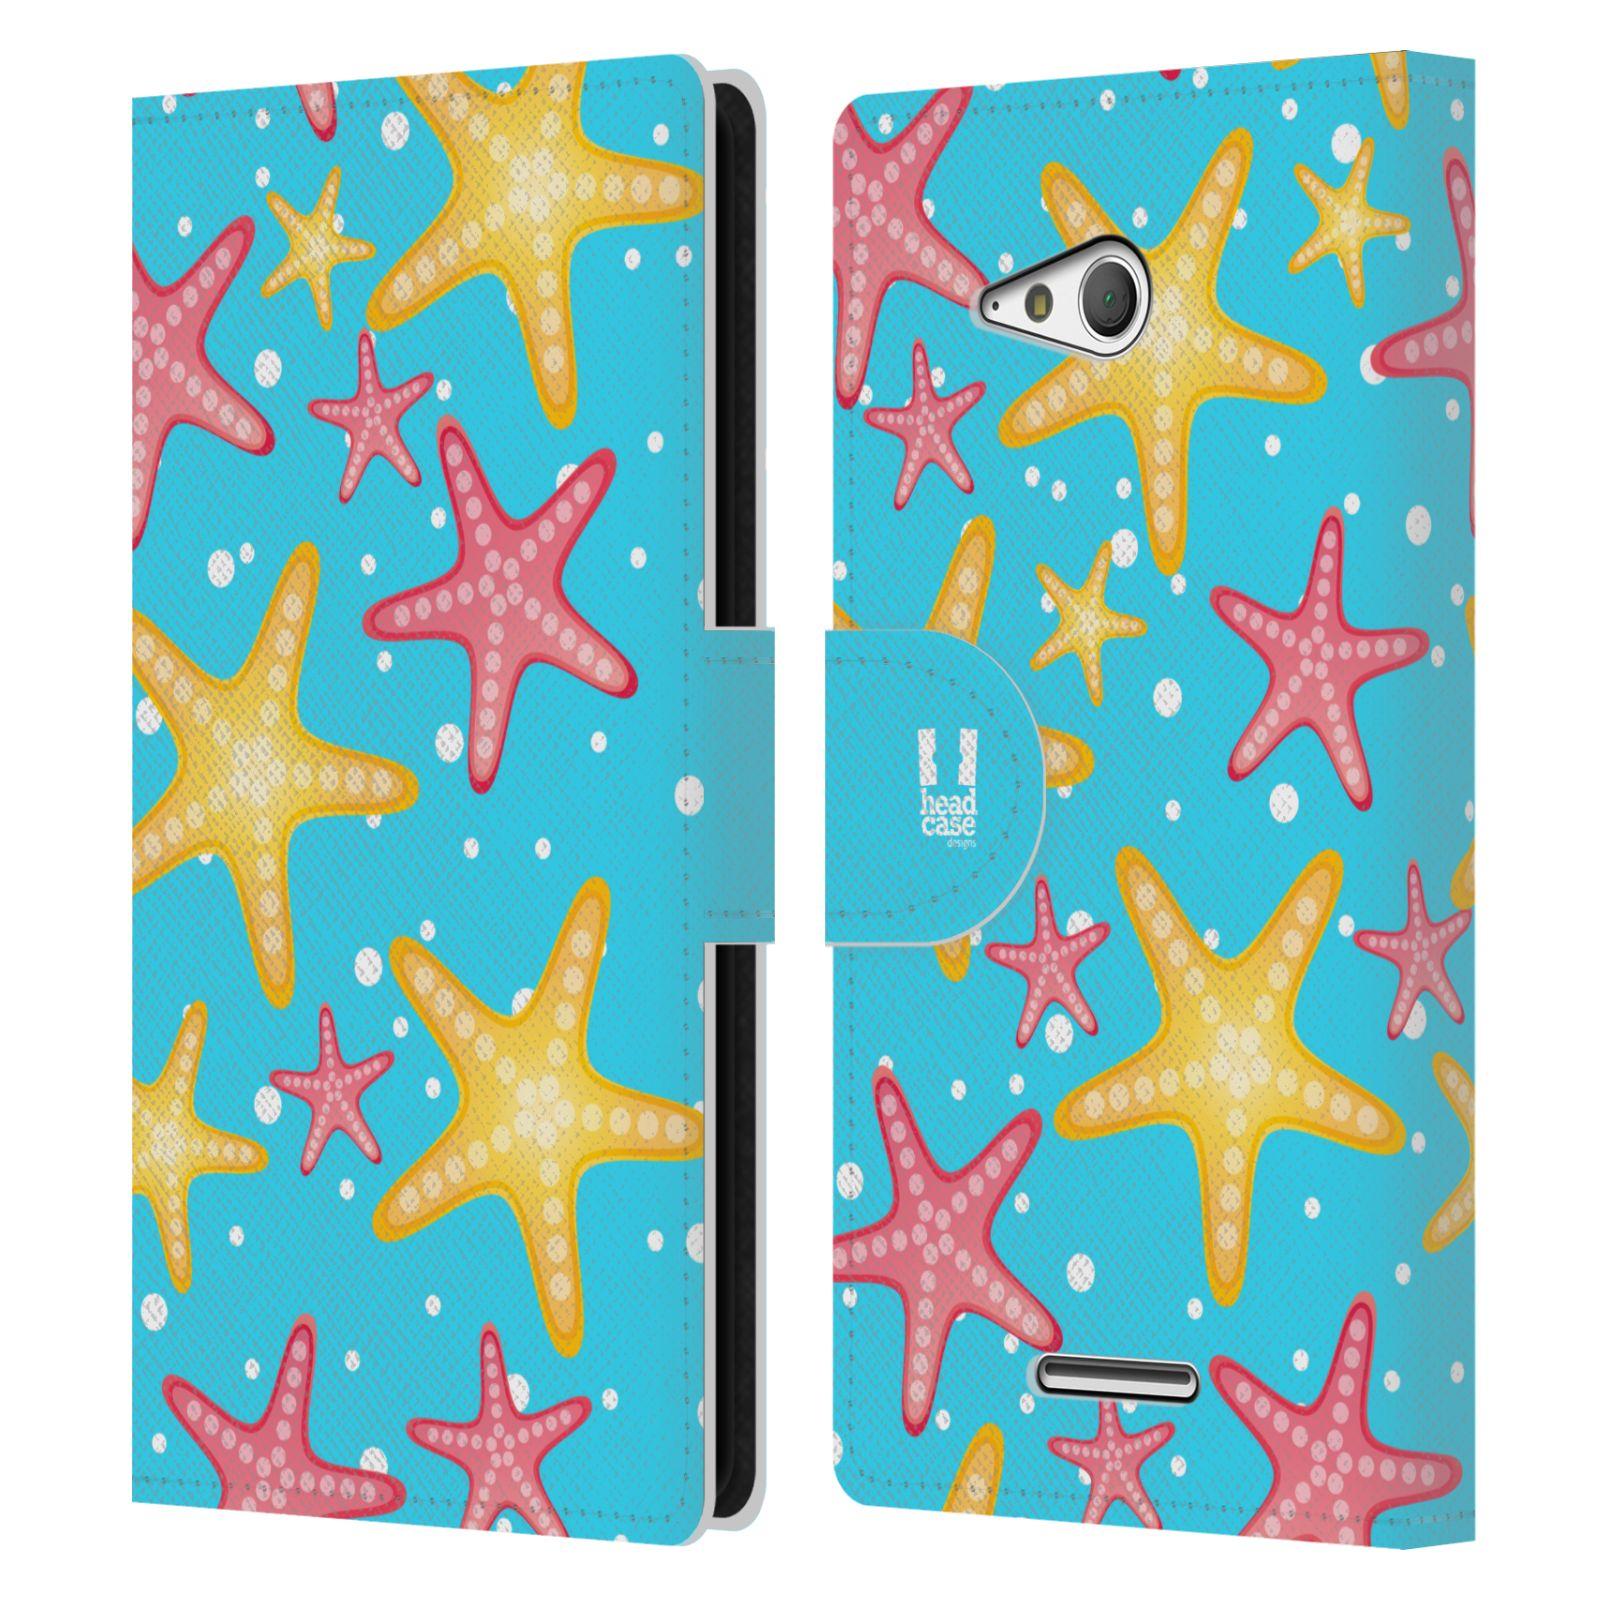 HEAD CASE Flipové pouzdro pro mobil SONY XPERIA E4g Mořský živočich hvězdice modrá barva pozadí